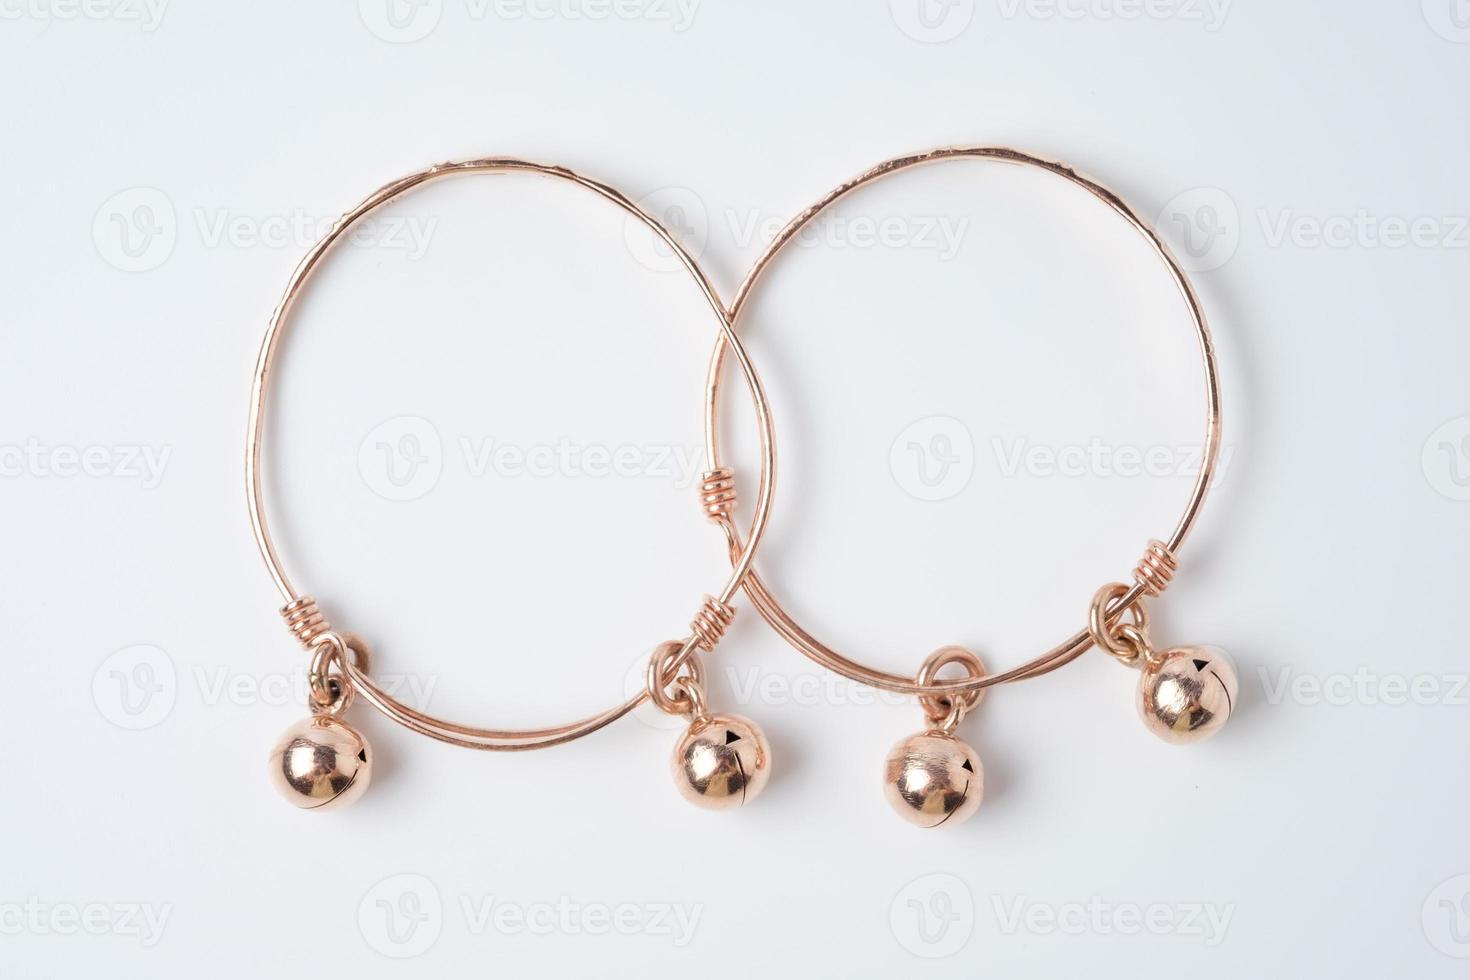 bracelet de cheville en or rose pour bébé photo